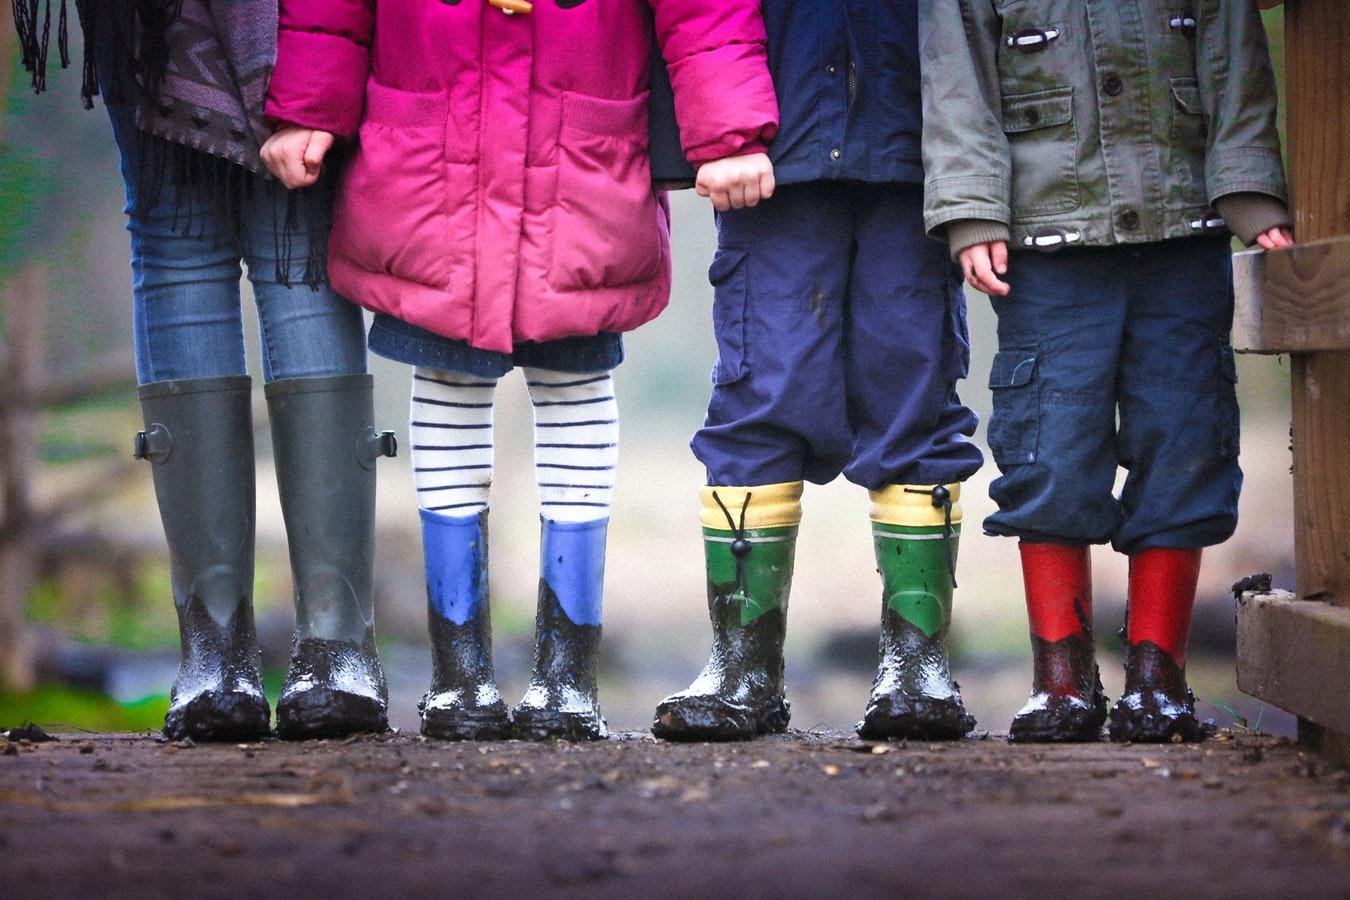 bambini - ragazzi - gioco - amici - giornata nazionale dei diritti dell'infanzia e dell'adolescenza - bambine